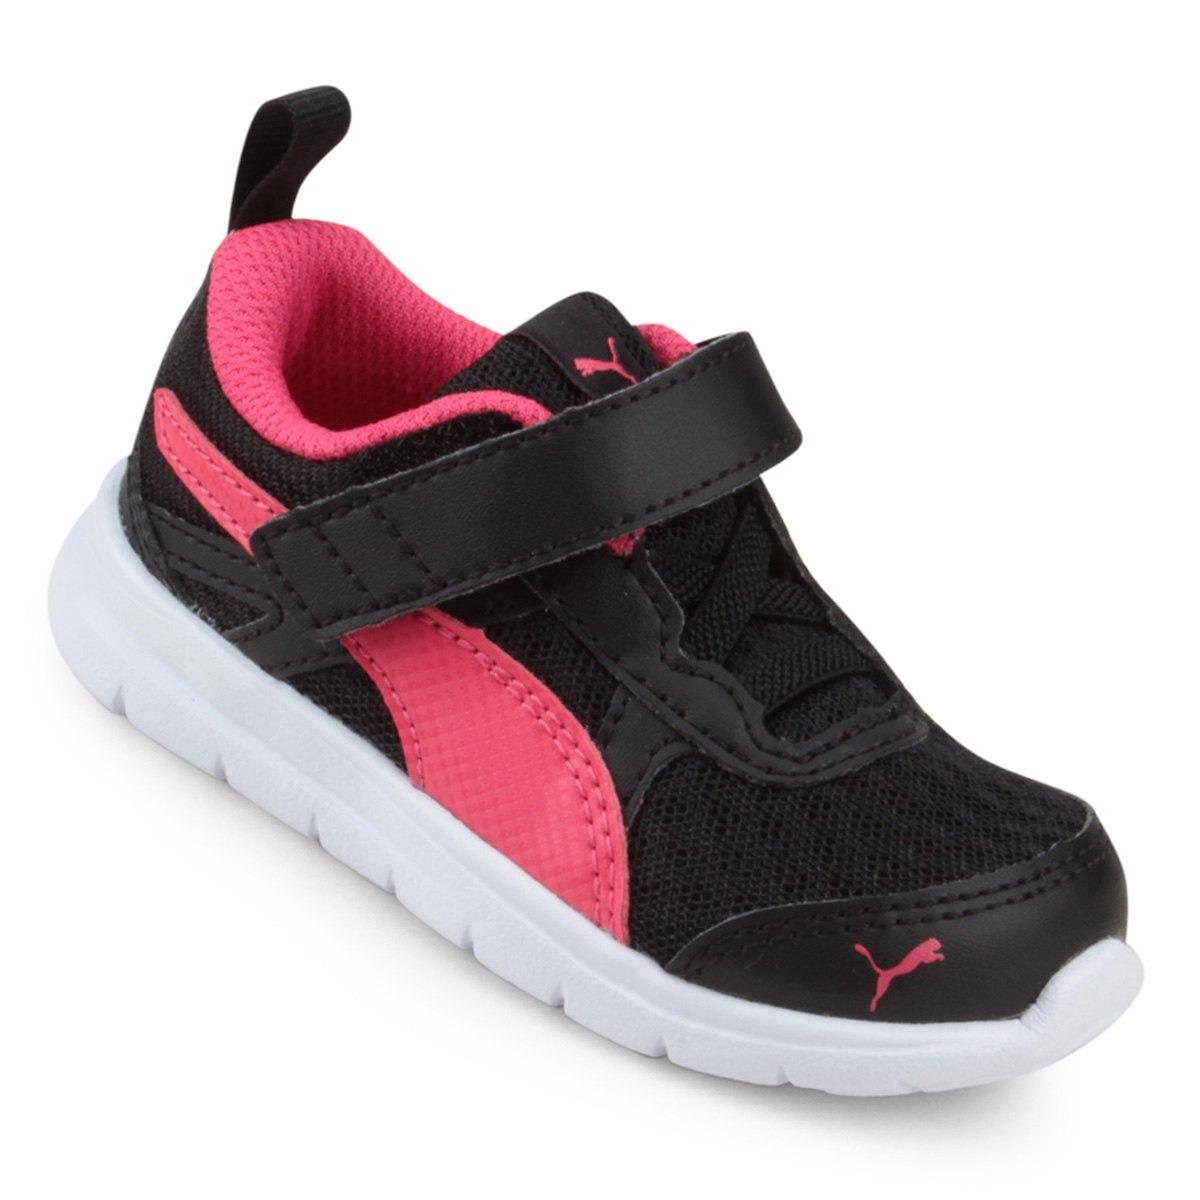 7510e9e5142 tênis puma flex essential v ps preto pink feminino infantil. Carregando  zoom.